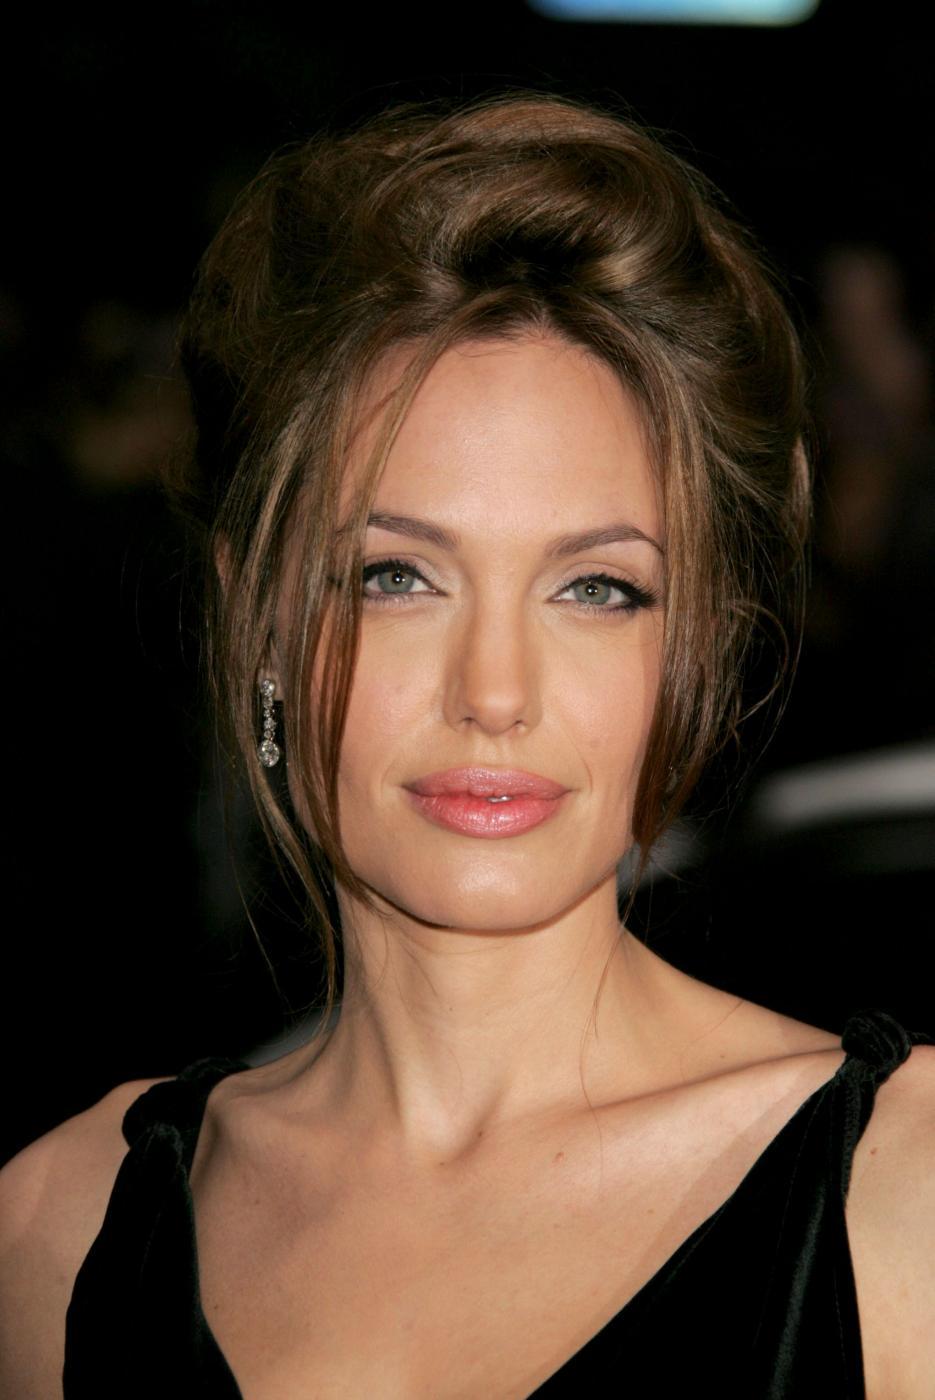 Angelina Jolie, com'era e com'è. L'attrice compie 40 anni FOTO 18